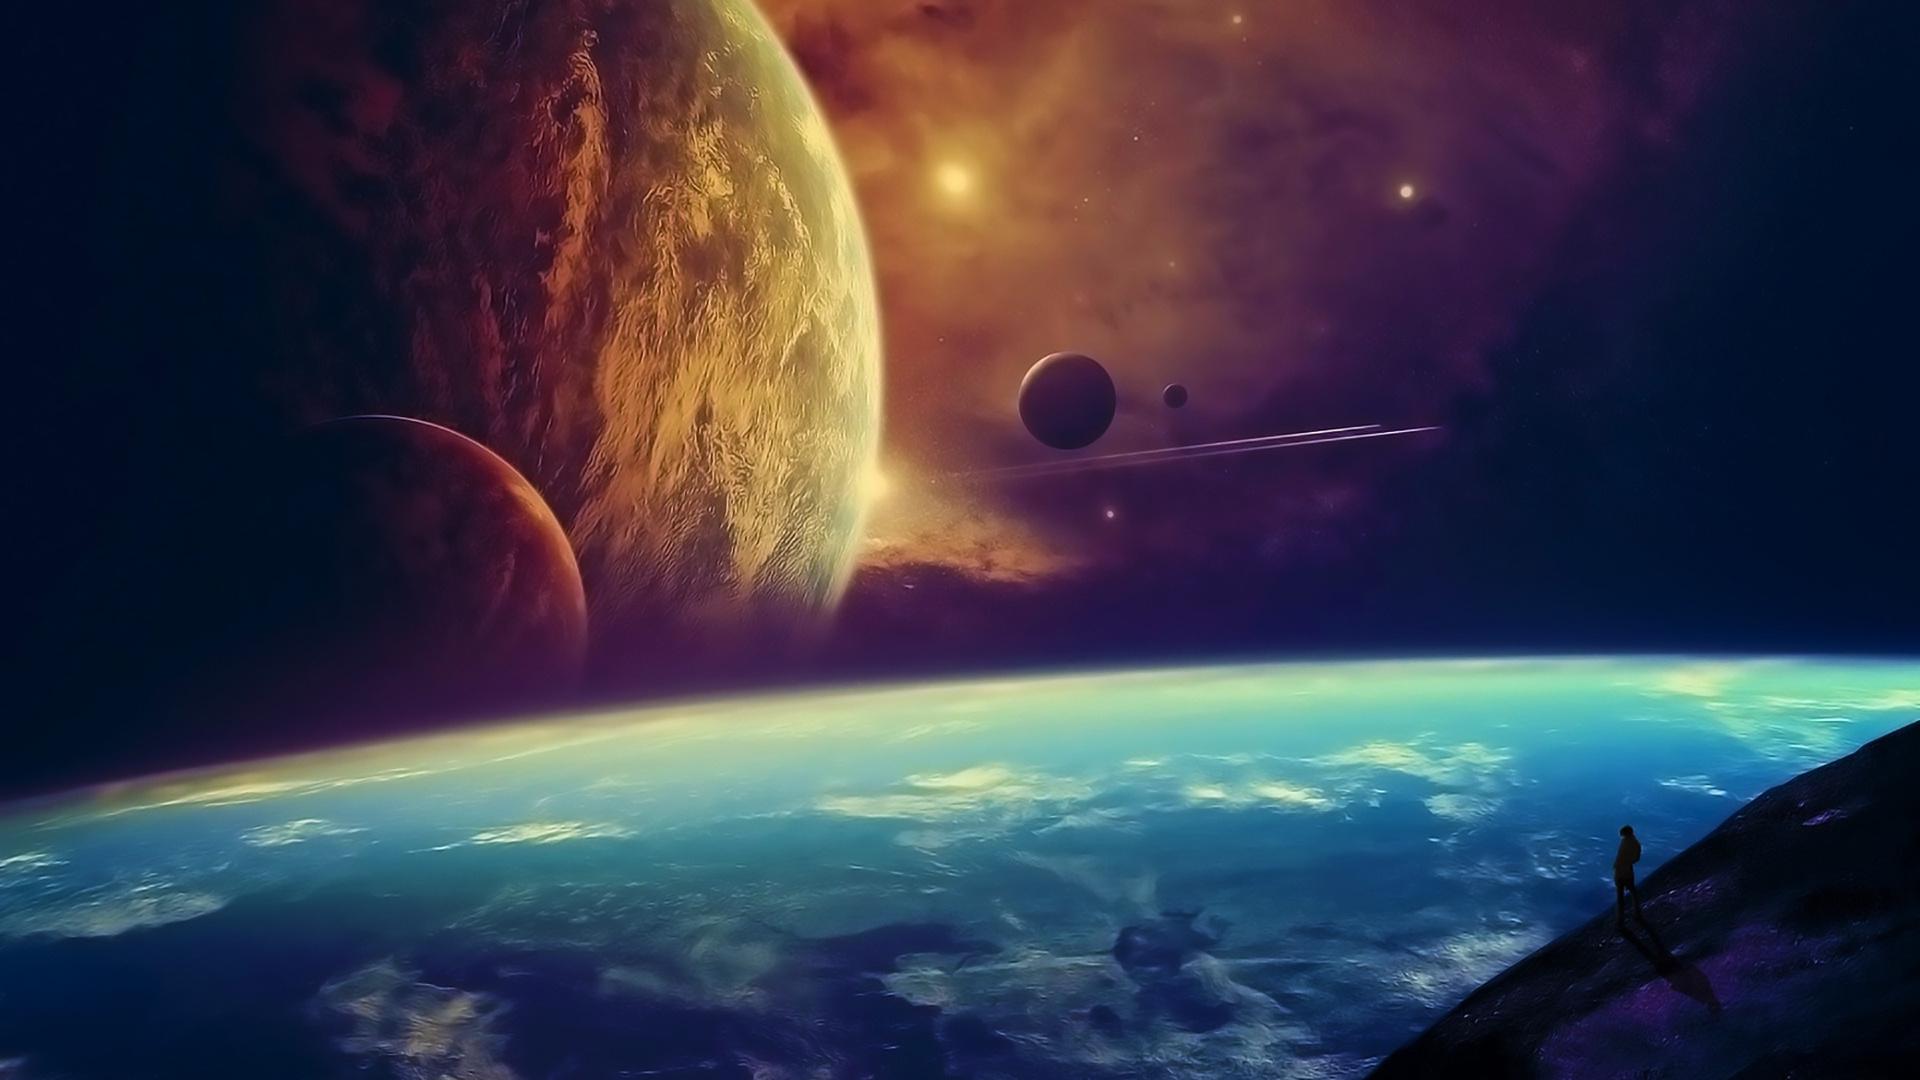 картинки события планеты мой самый близкий